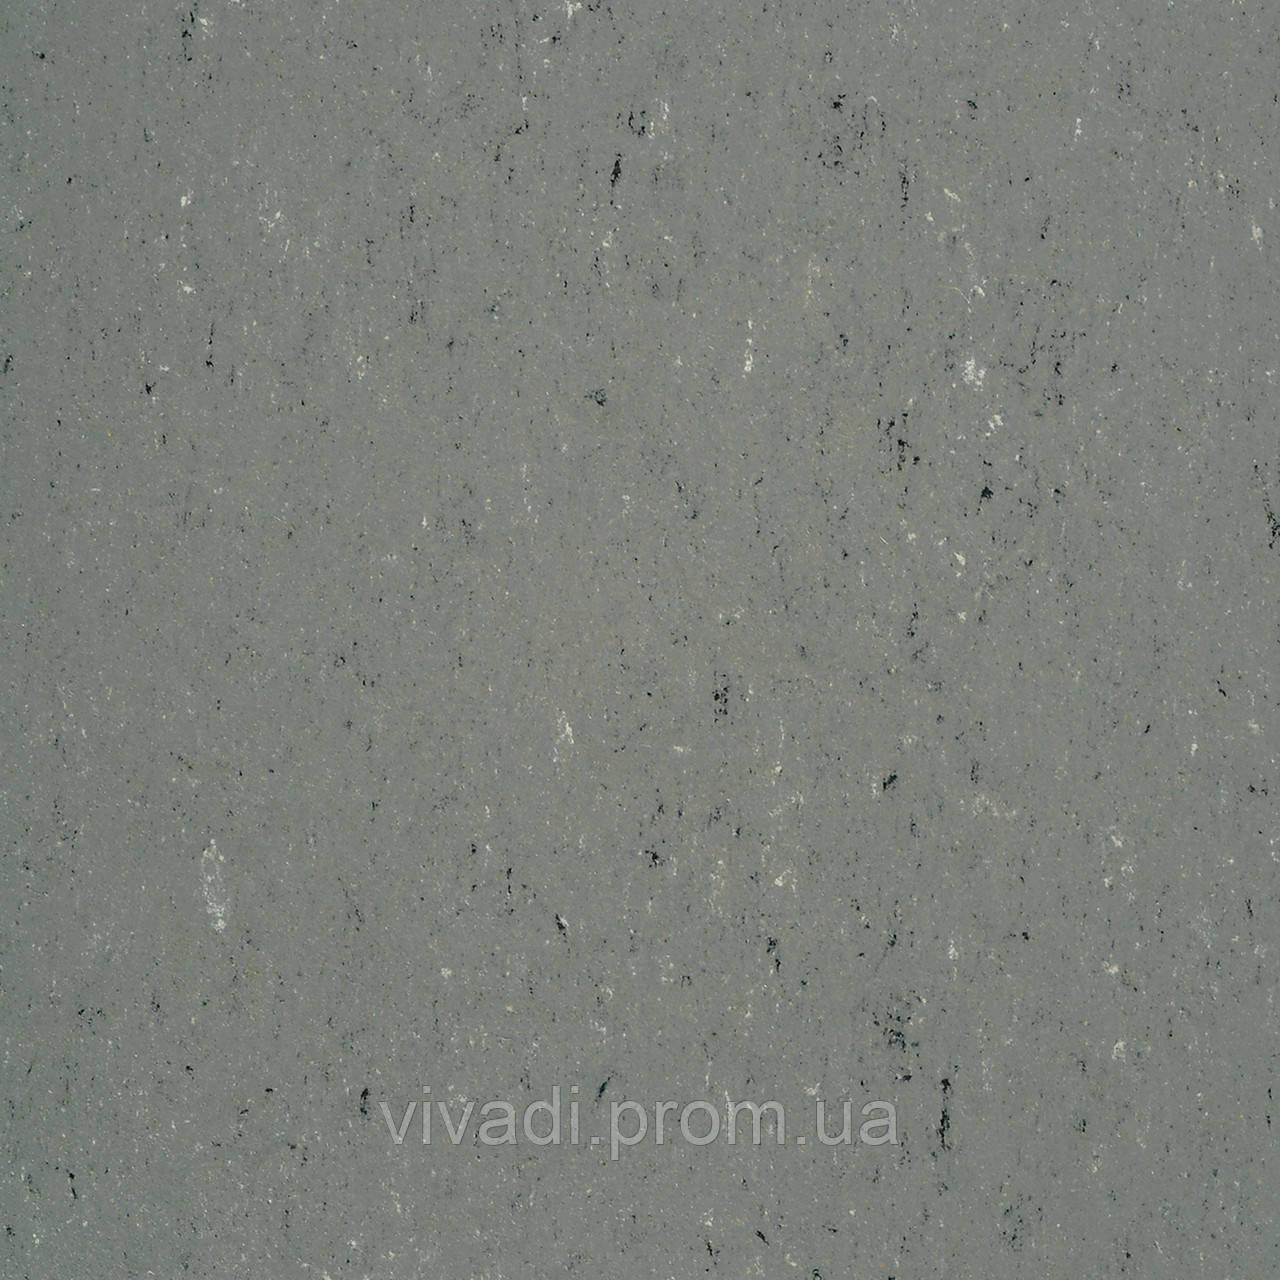 Натуральний лінолеум Colorette LPX - колір 131-059